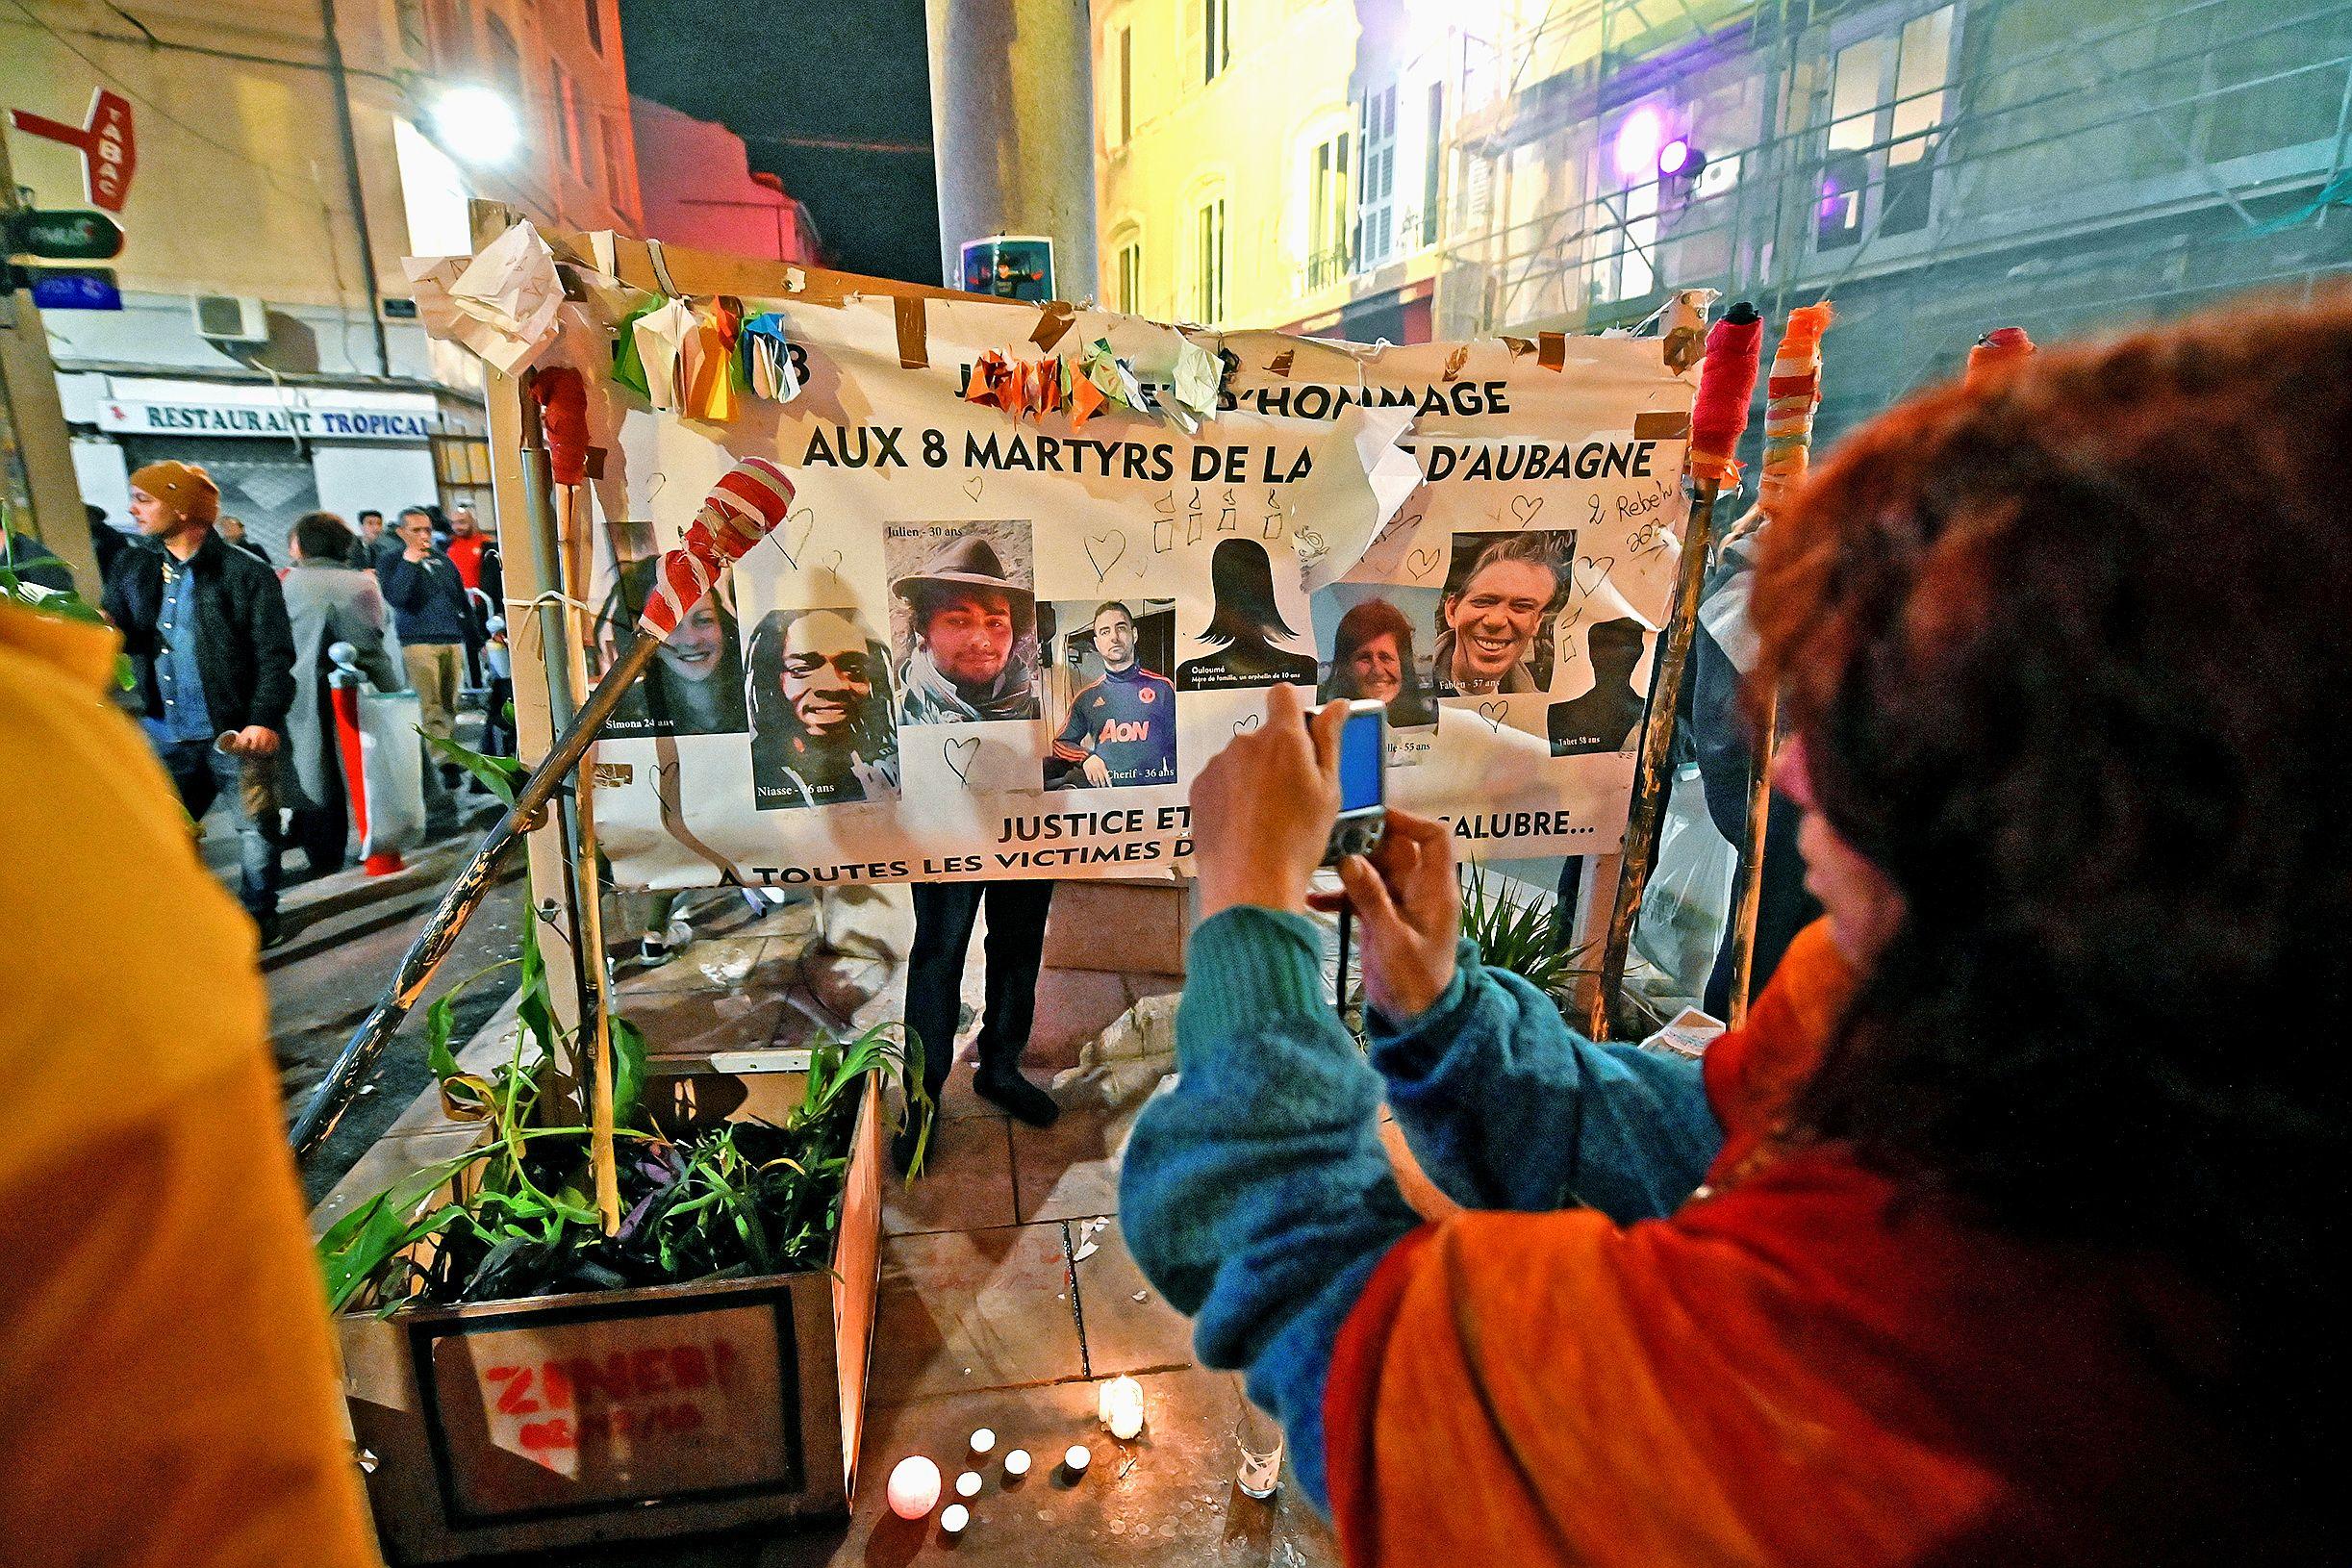 Le silence pour les victimes de Noailles - Les Nouvelles Calédoniennes